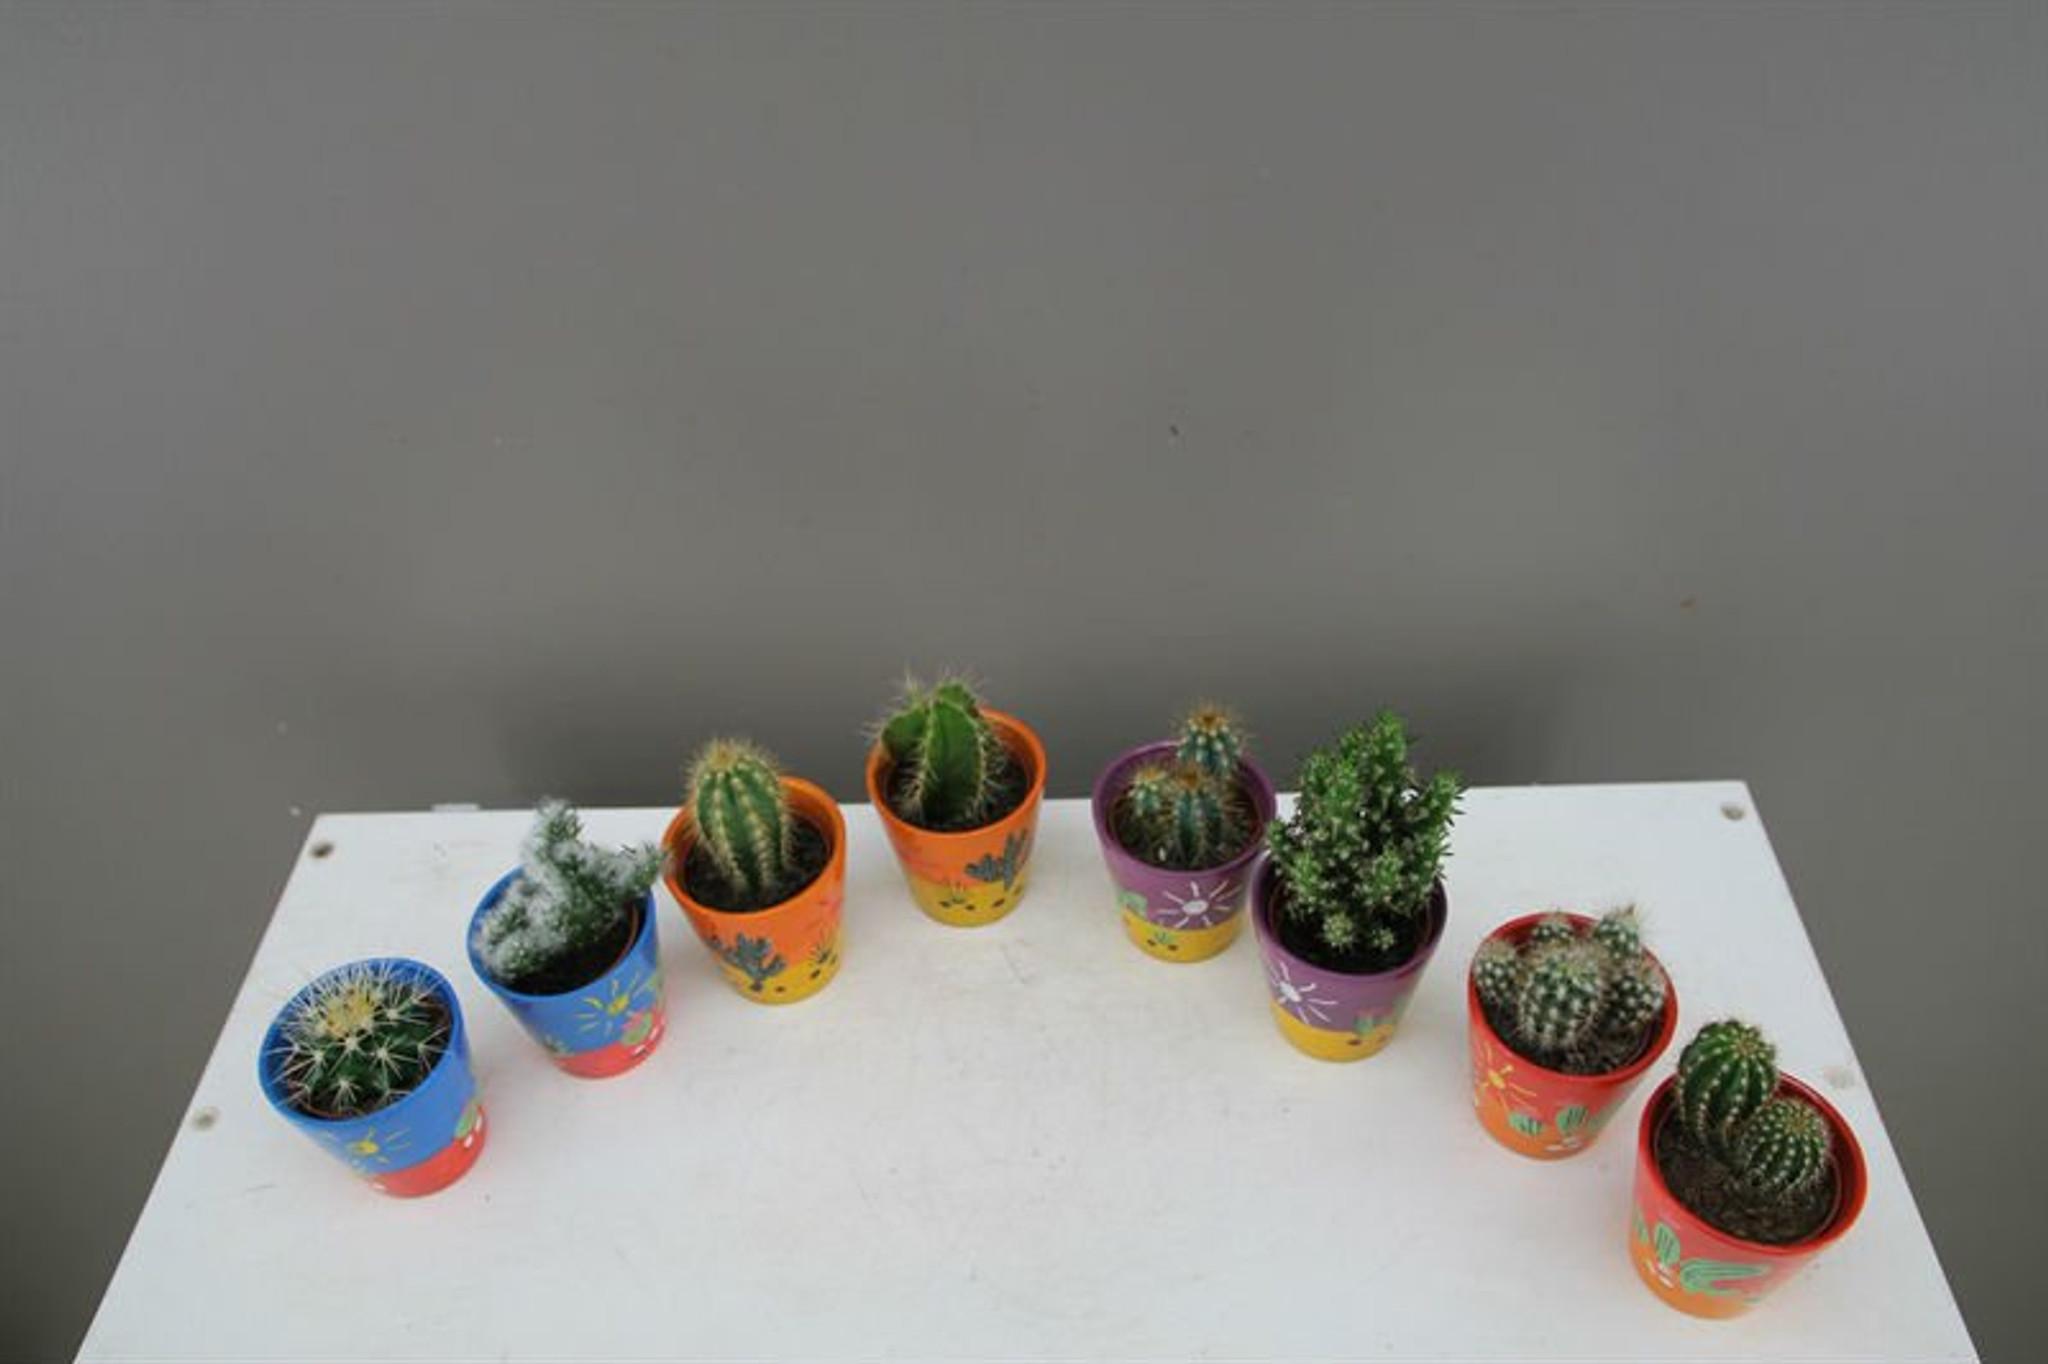 Small cactus in decorative planter